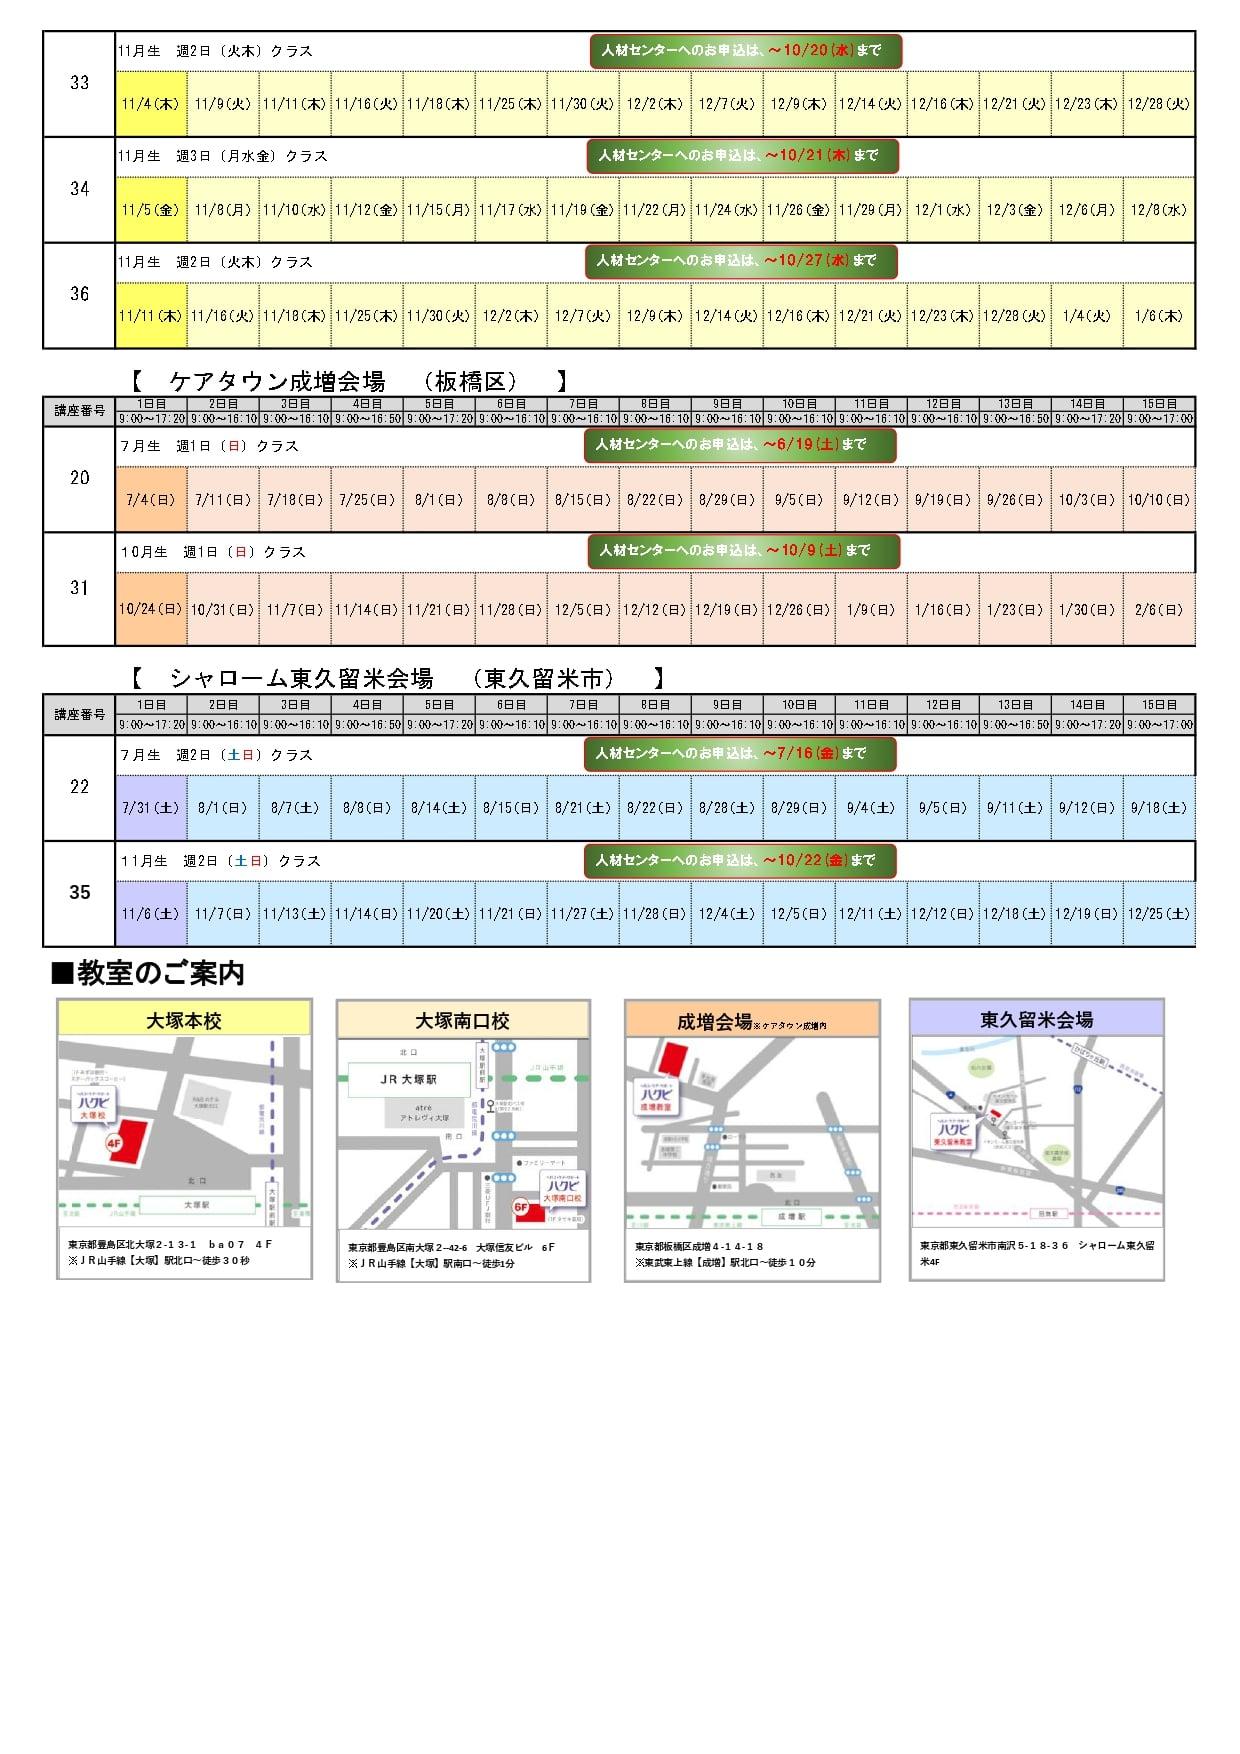 繧ケ繧ア繧ク繝・繝シ繝ォ_page-0002-min